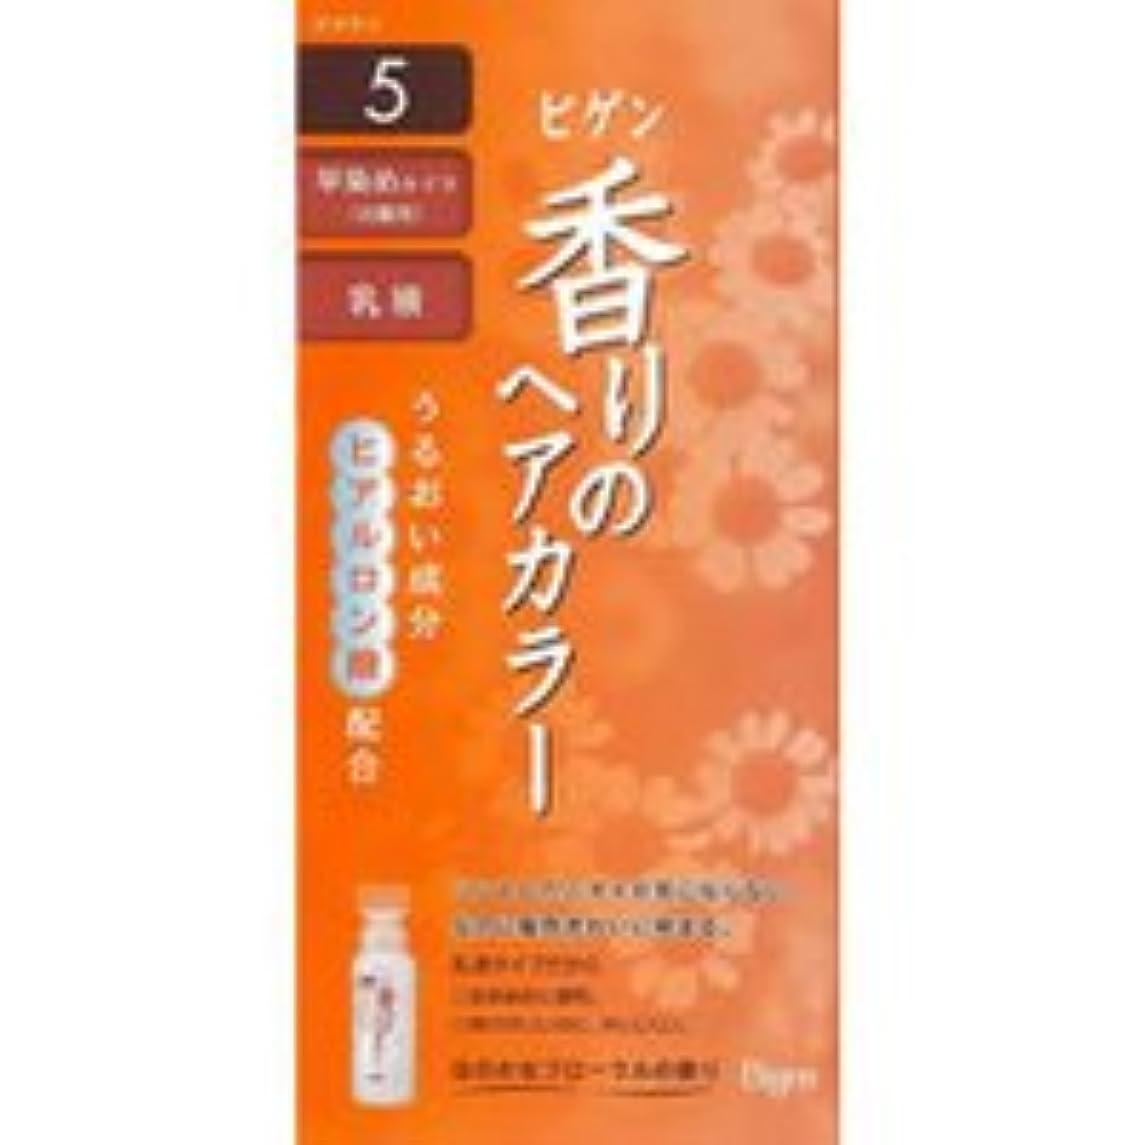 偽造定期的失われたビゲン 香りのヘアカラー 乳液(5) ブラウン